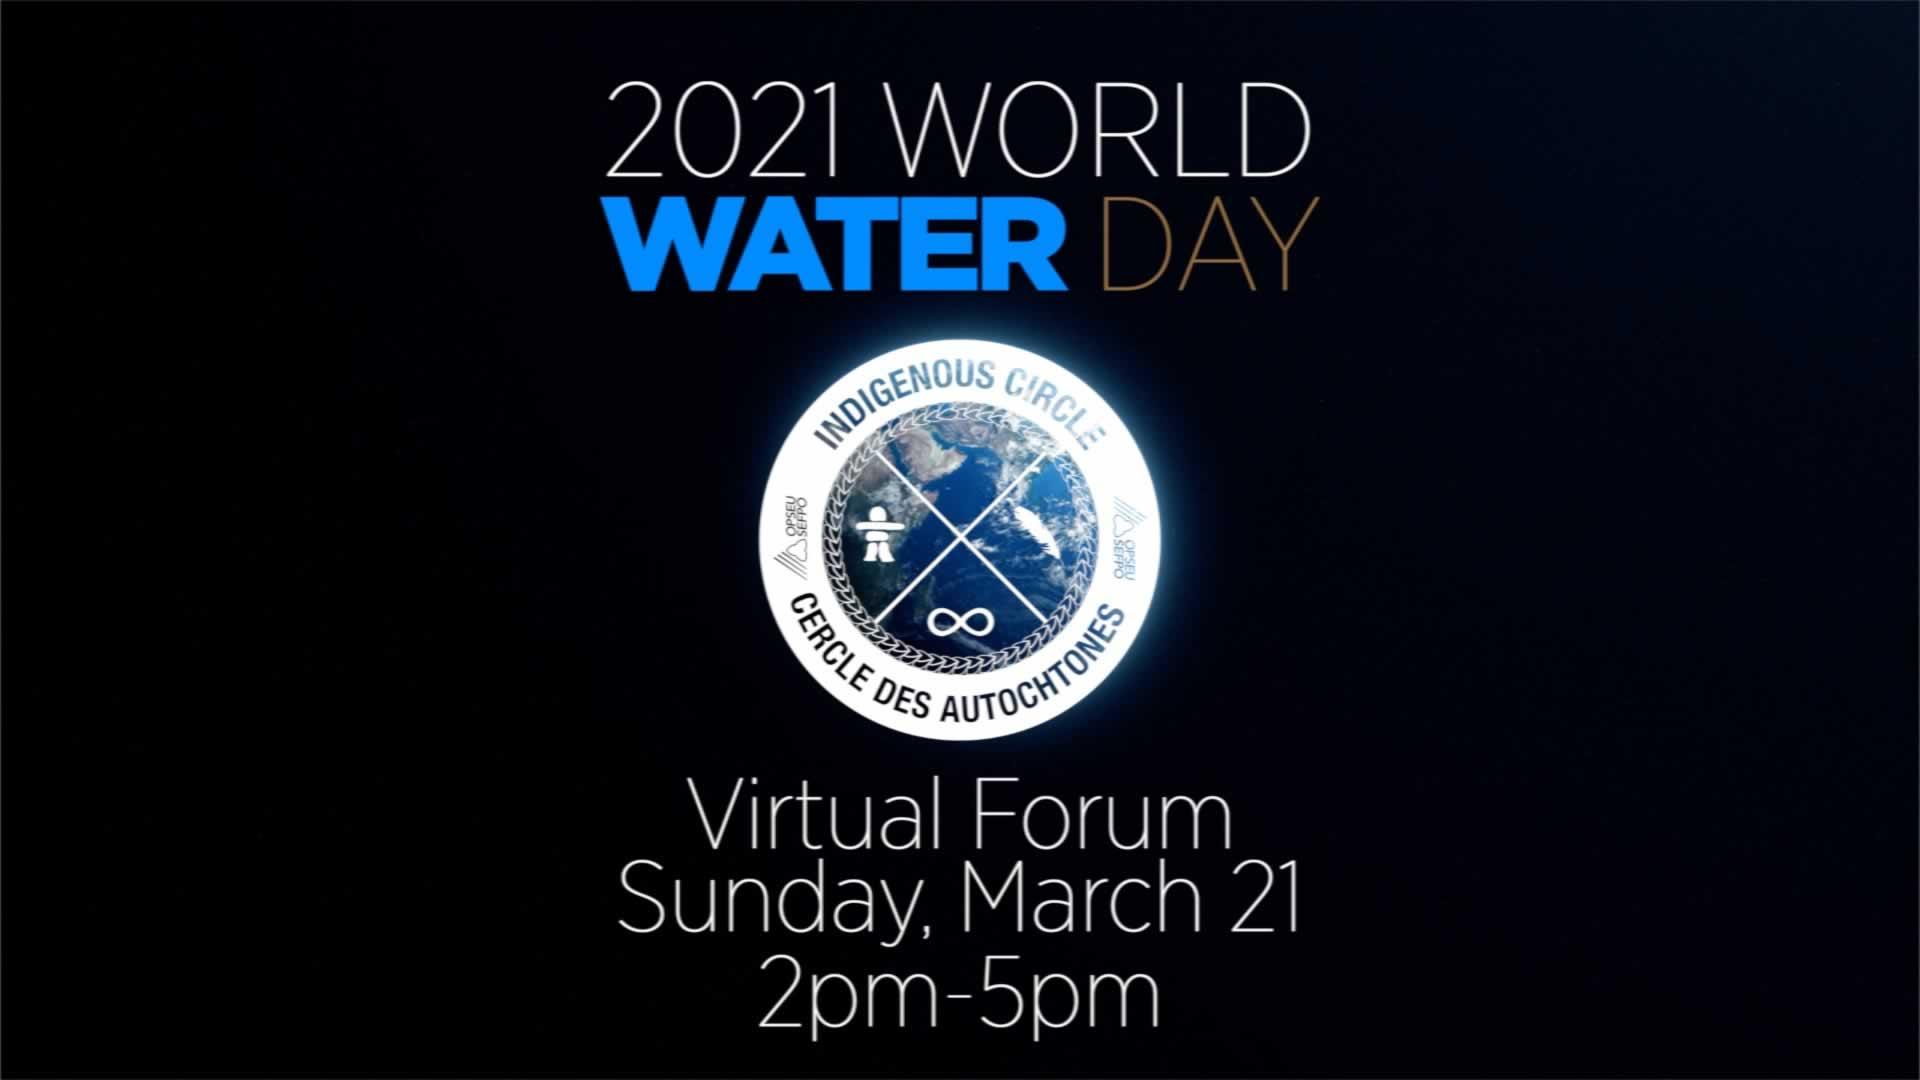 Le Cercle des Autochtones organise un Forum sur la Journée mondiale de l'eau le 21 mars